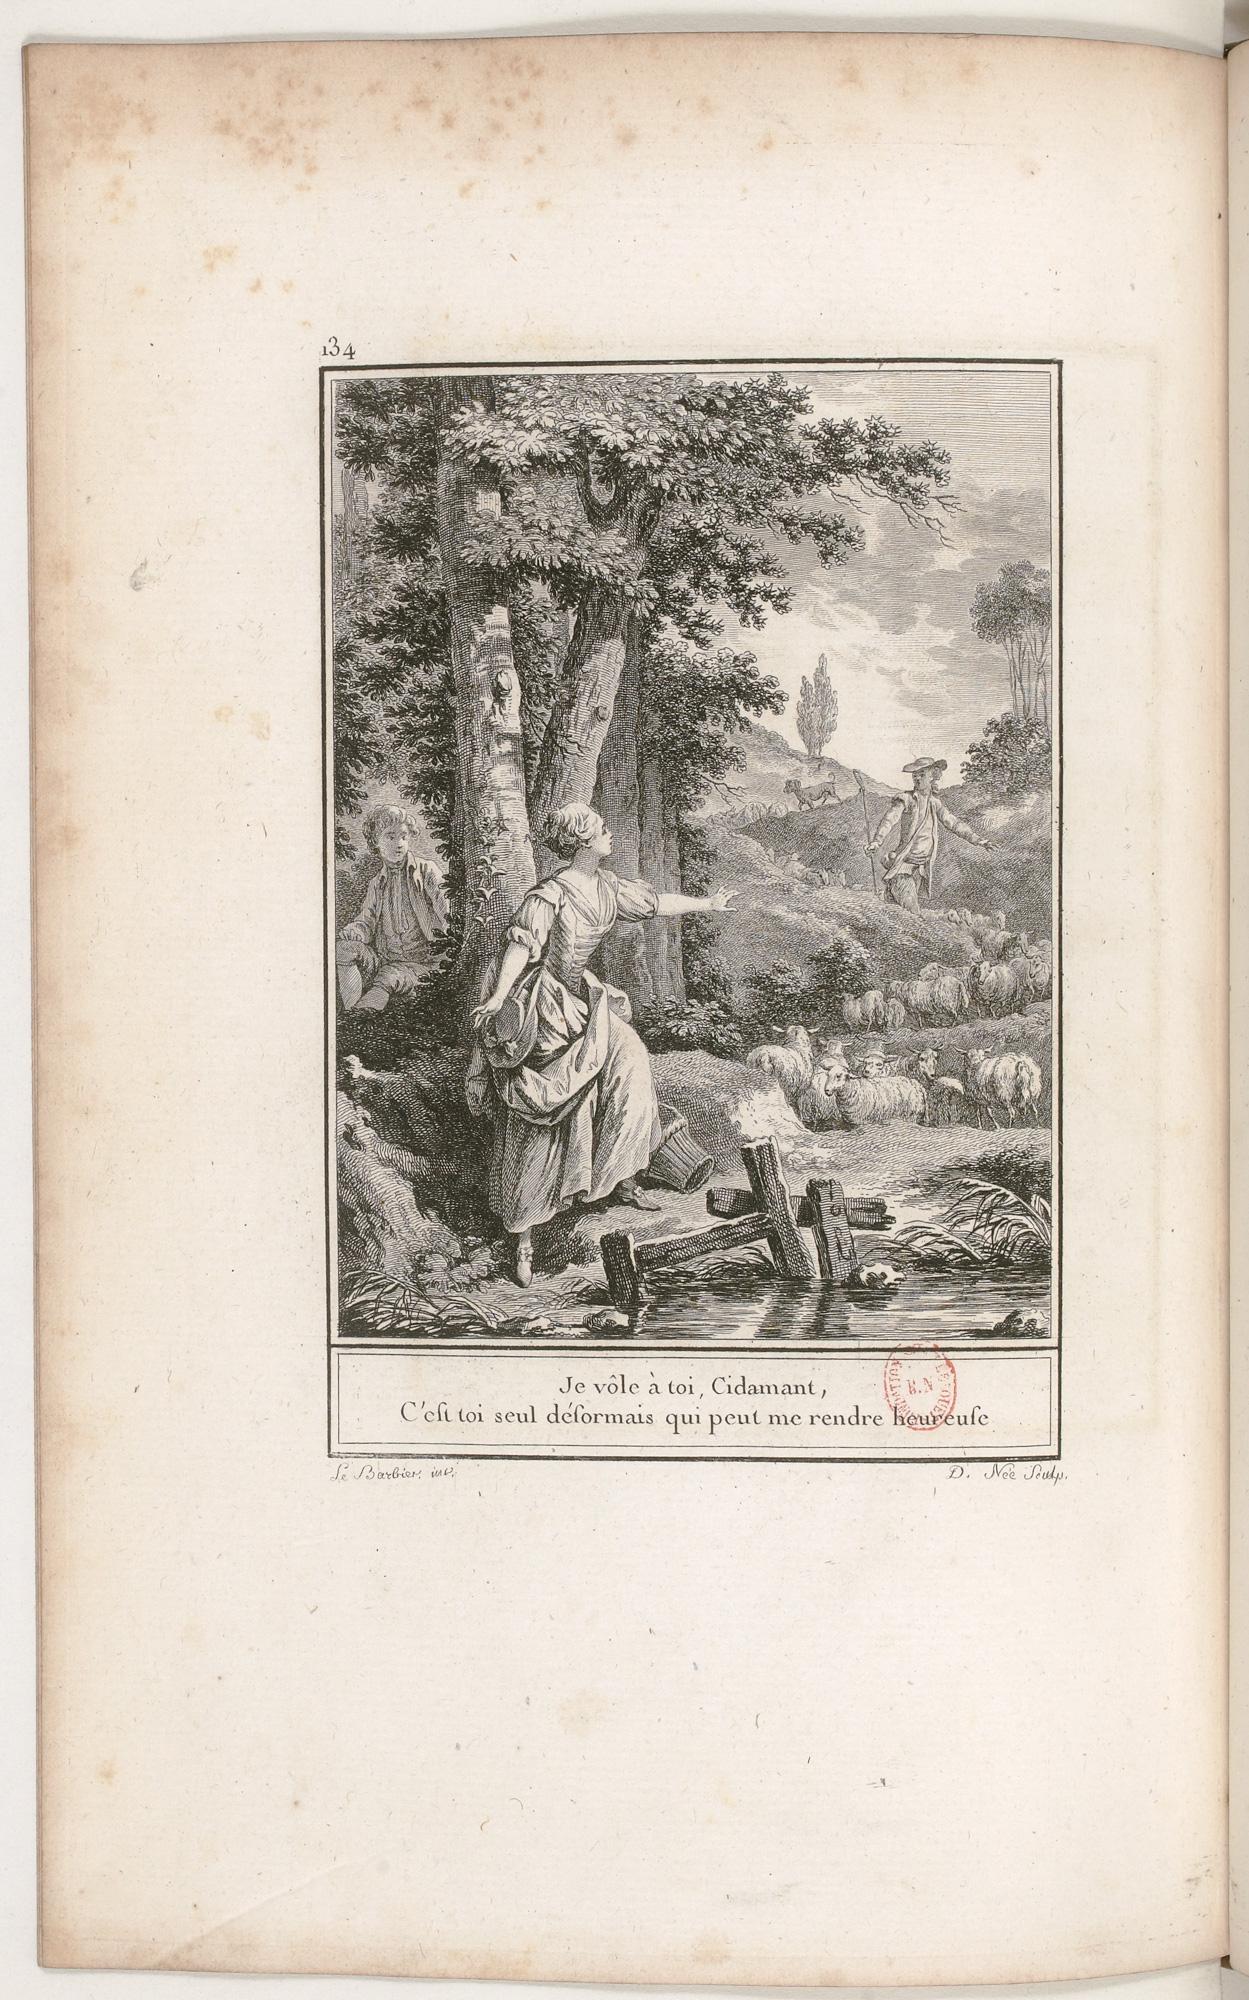 S.3.23 Le soupçon injuste,1772, Image